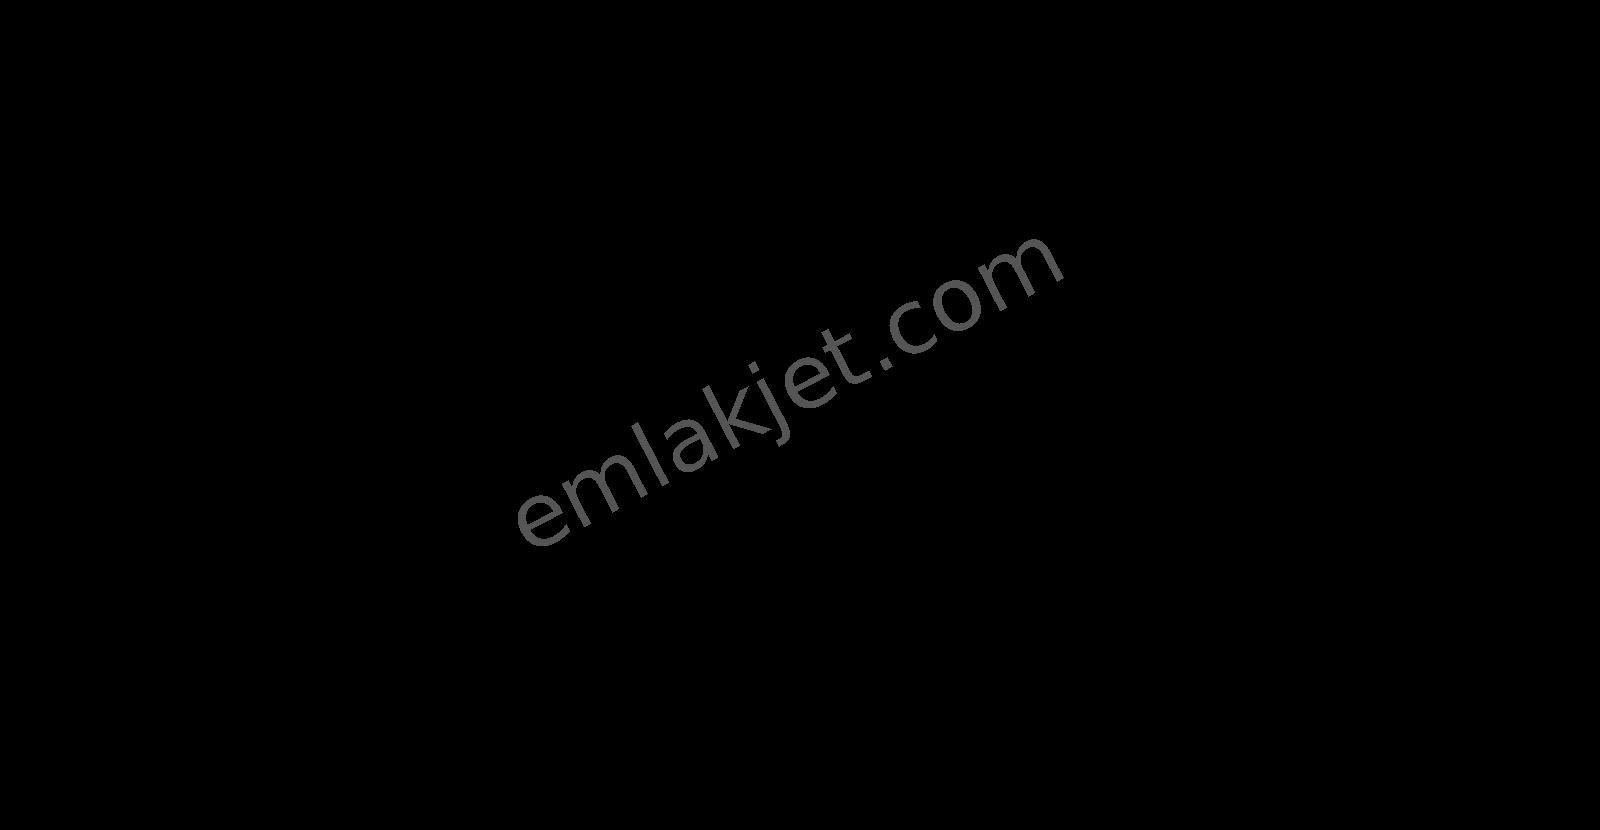 https://imaj.emlakjet.com/listing/9406389/65ECF8A3B48398DB37883ADFD137A6D59406389.jpg